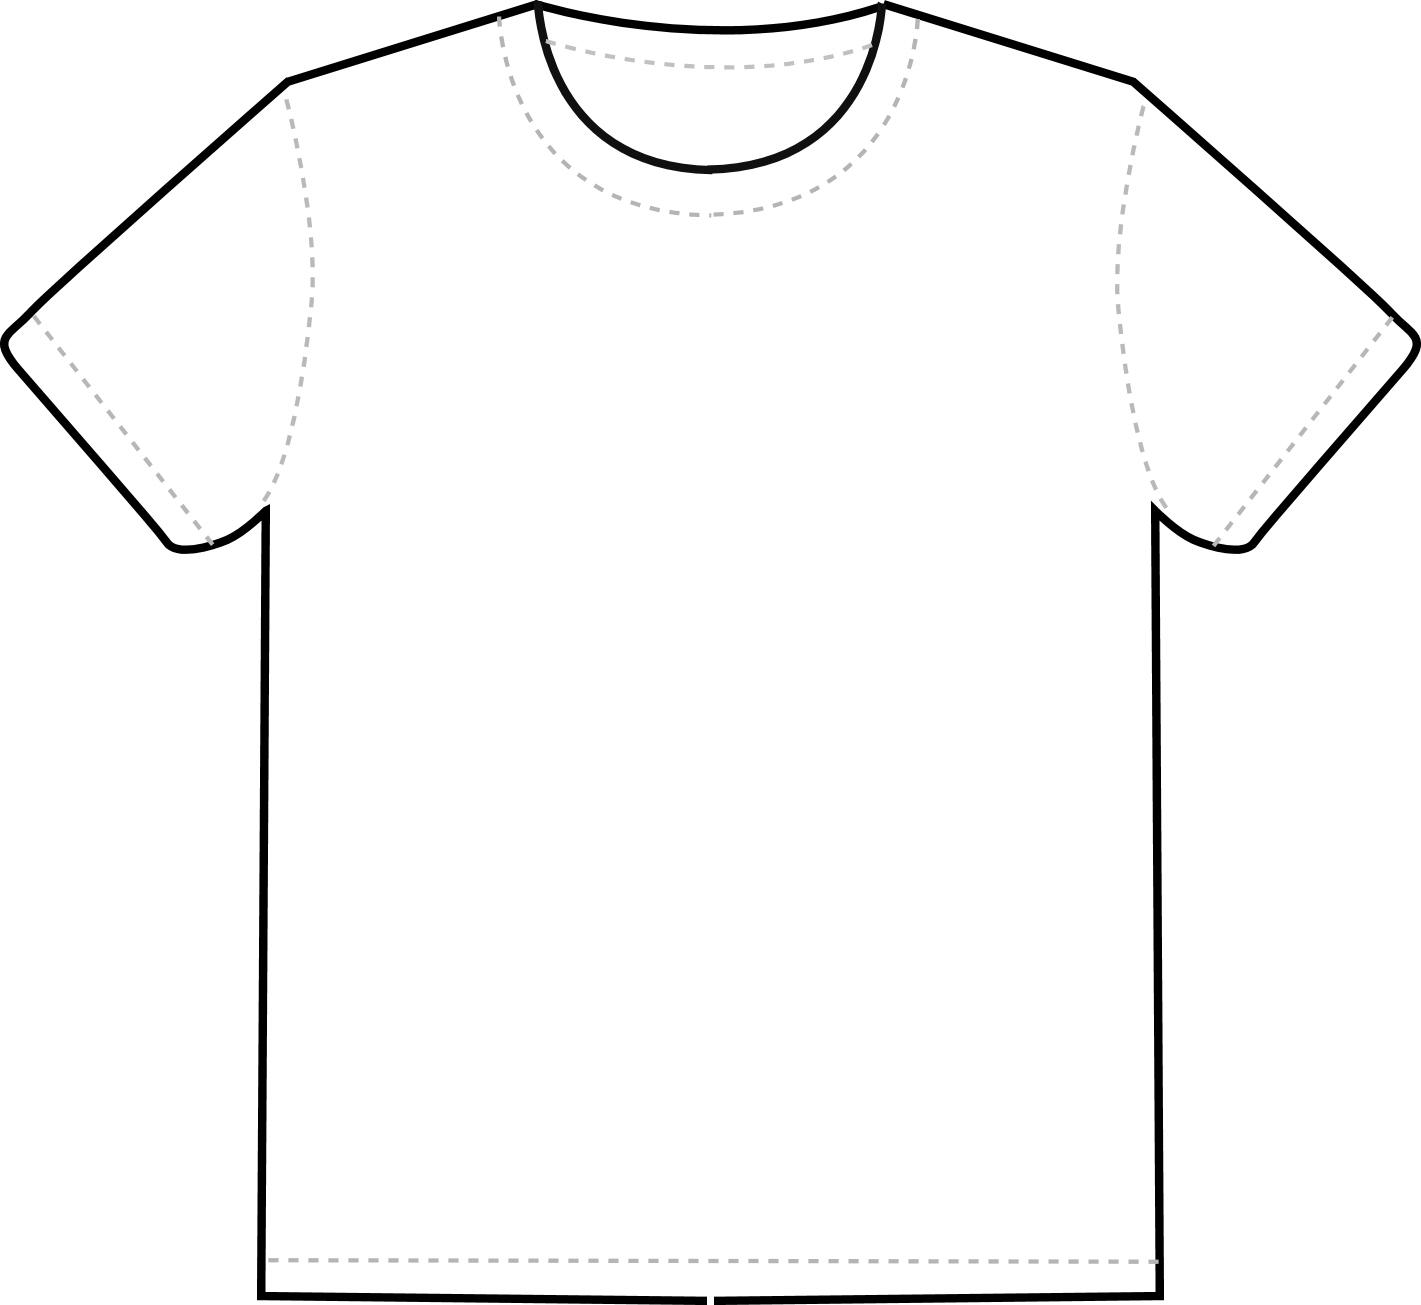 72 shirt clipart.